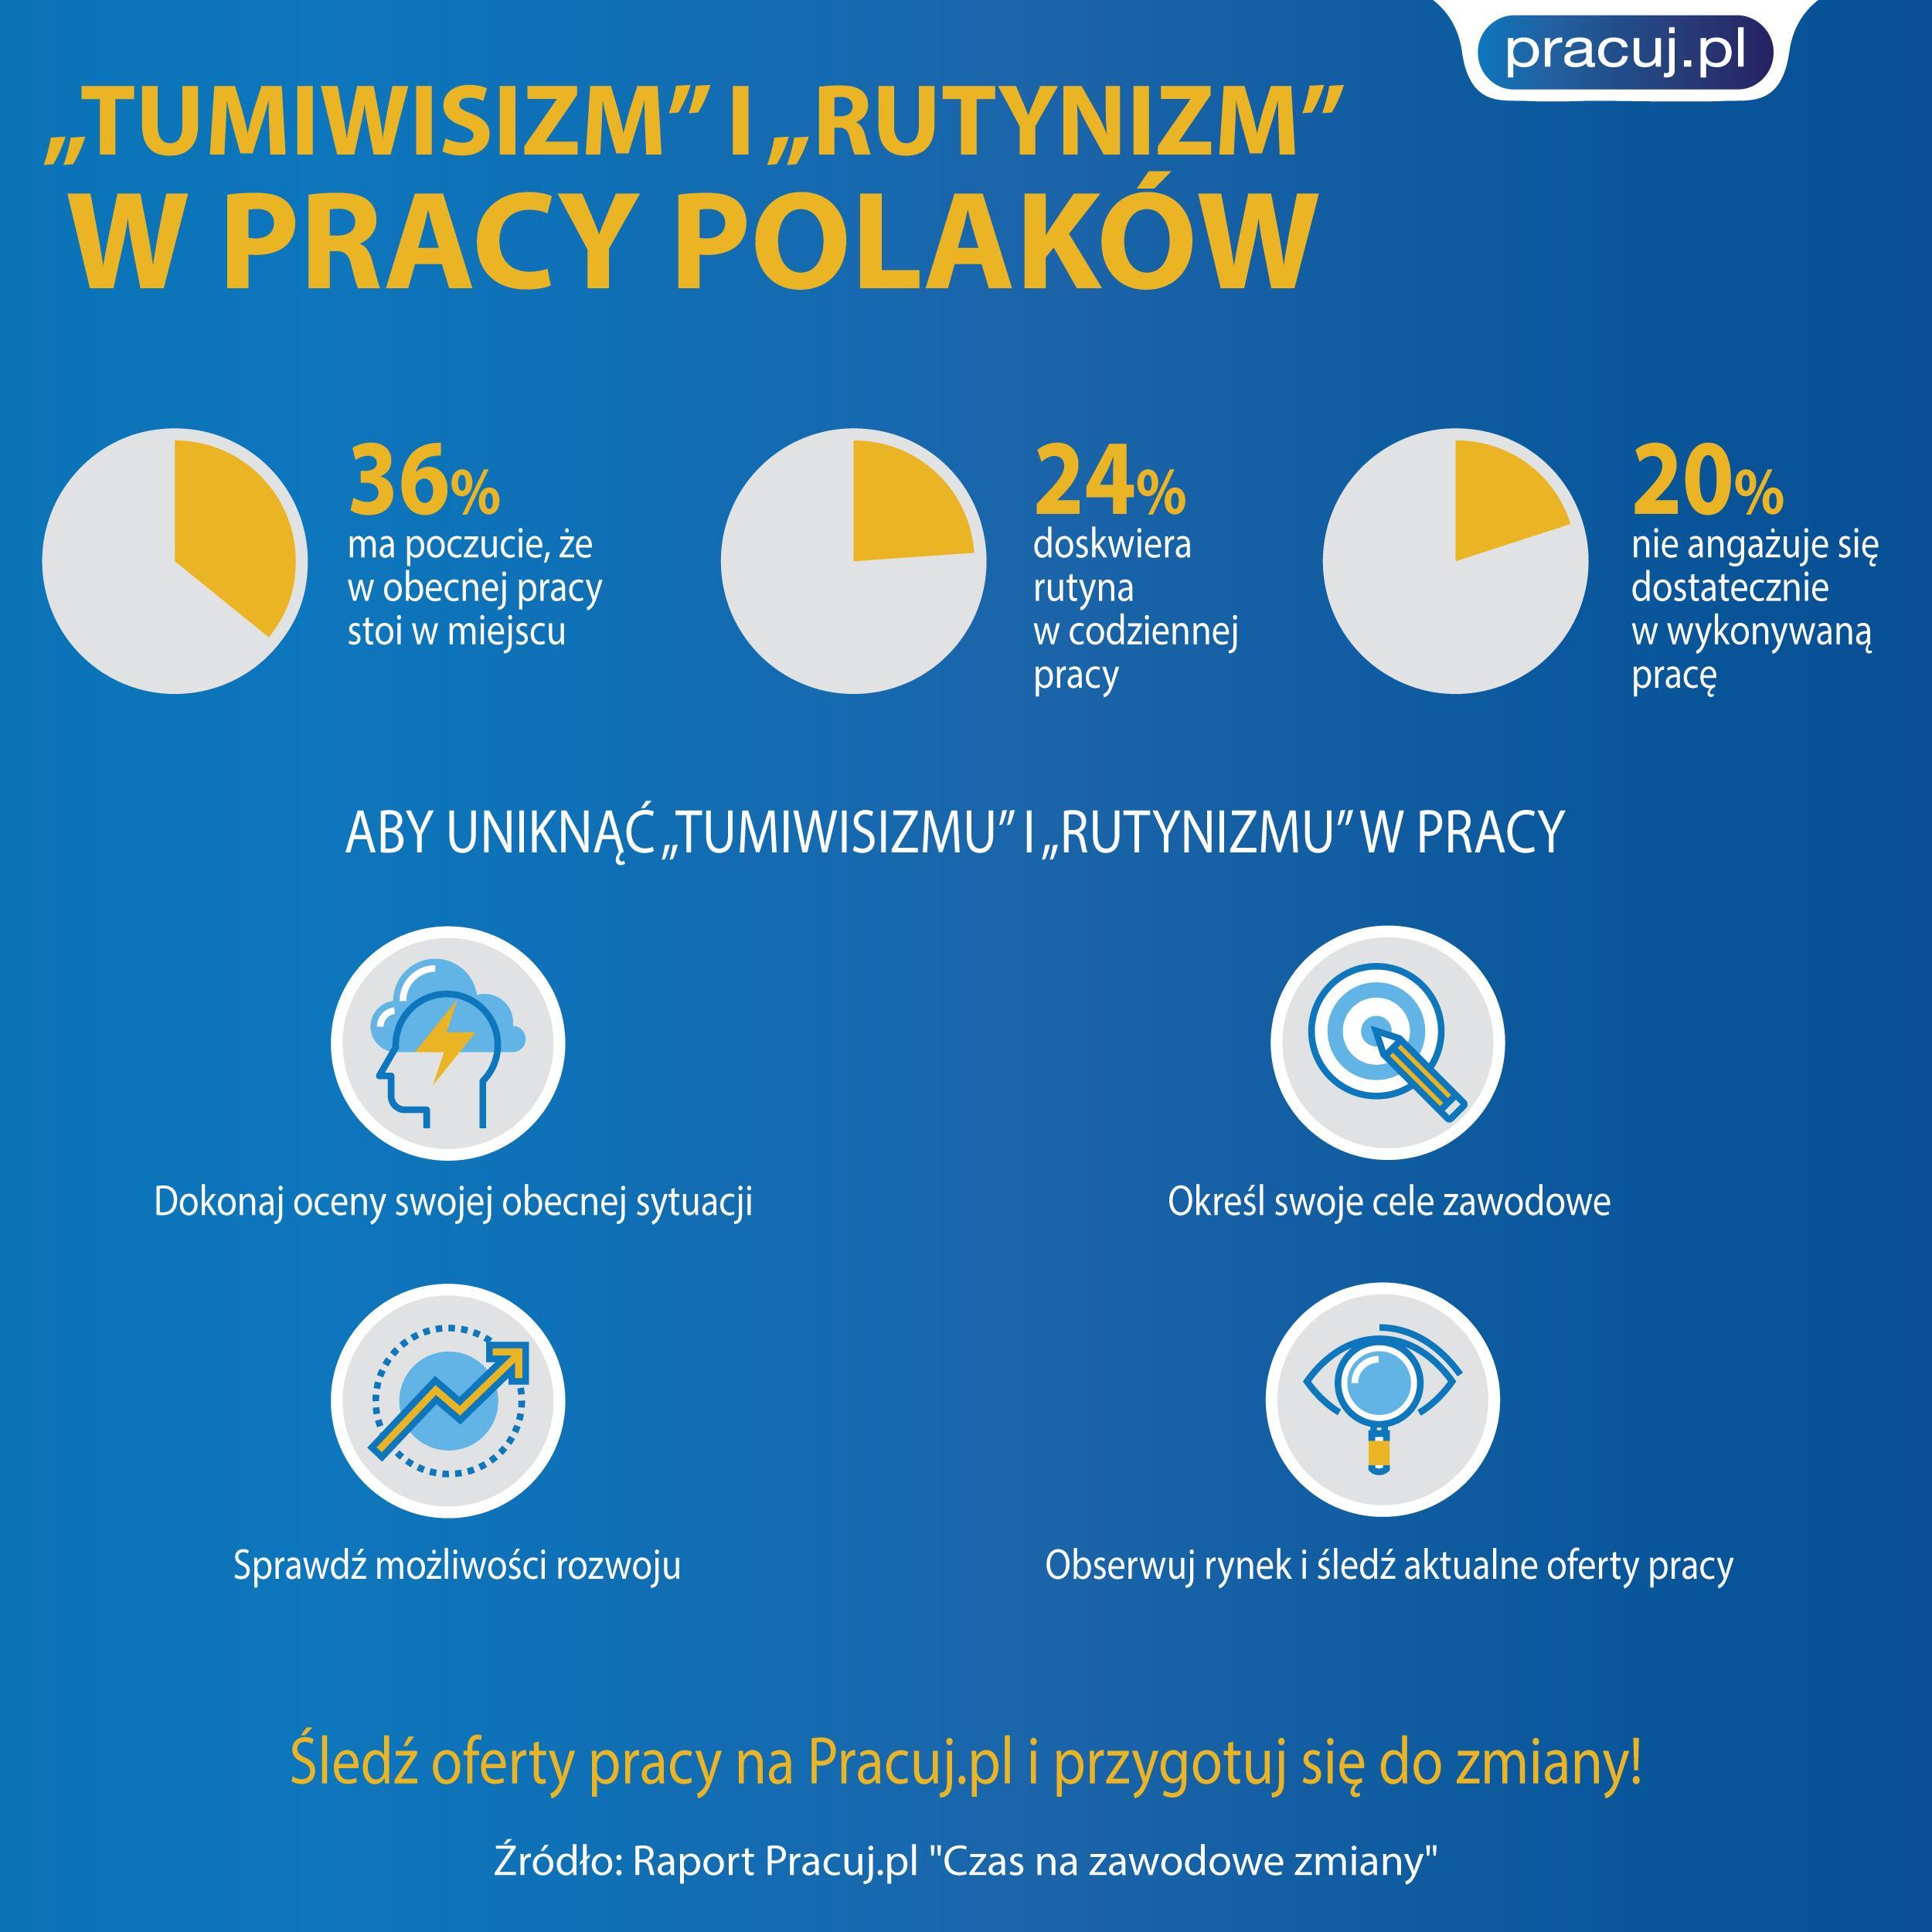 Tumiwisizm i rutynizm w pracy Polaków-01